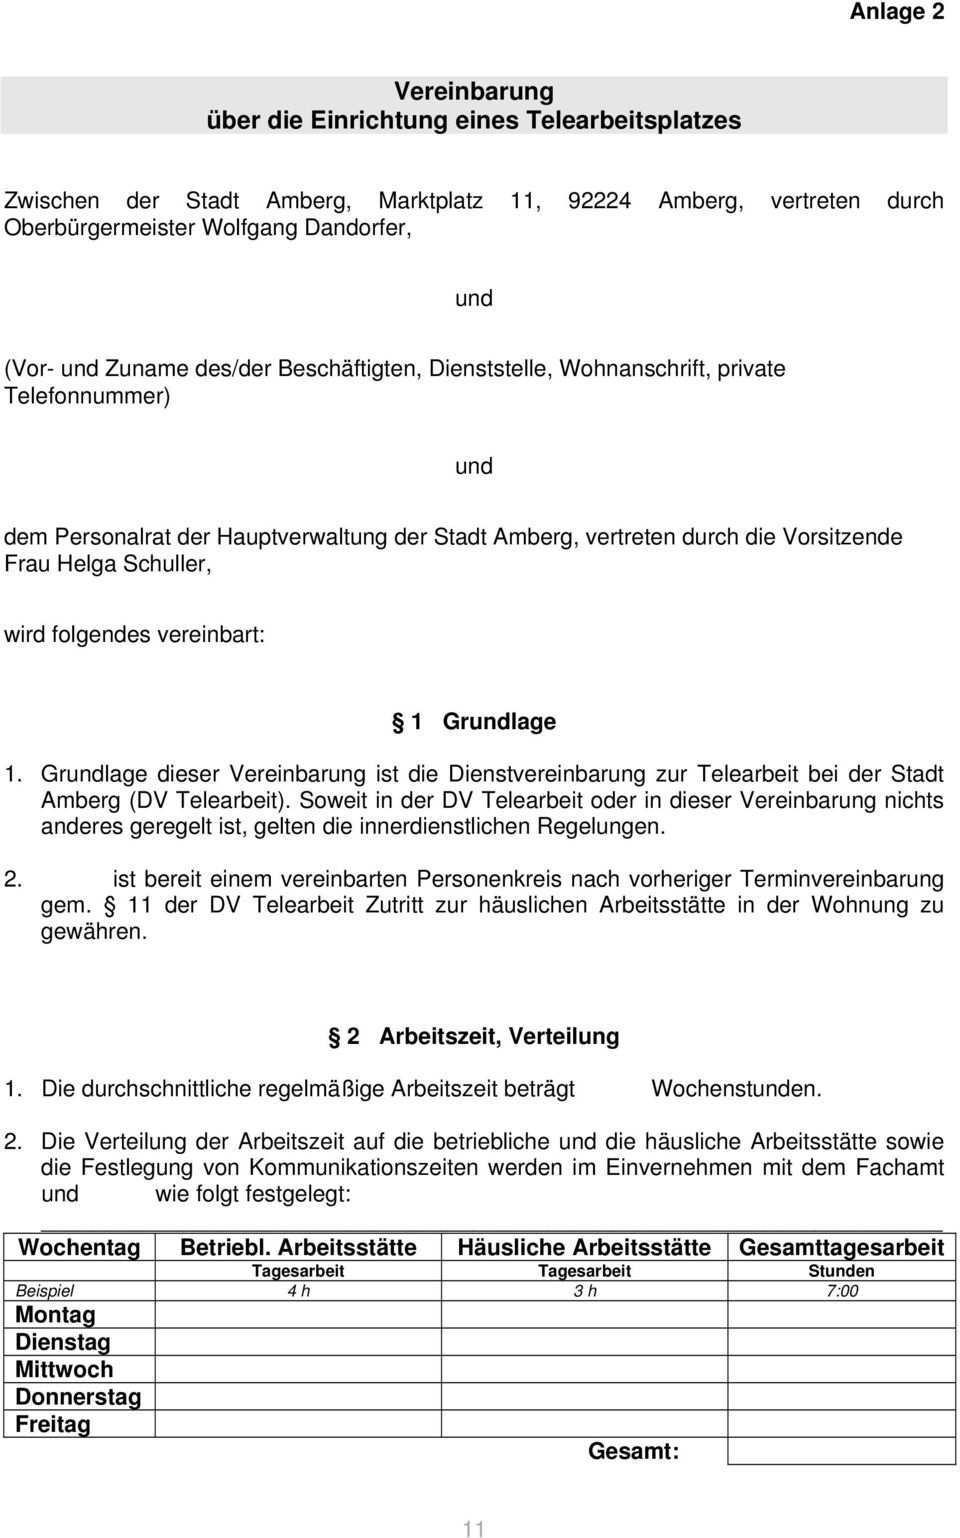 Dienstvereinbarung Zur Telearbeit Bei Der Stadt Amberg Pdf Free Download